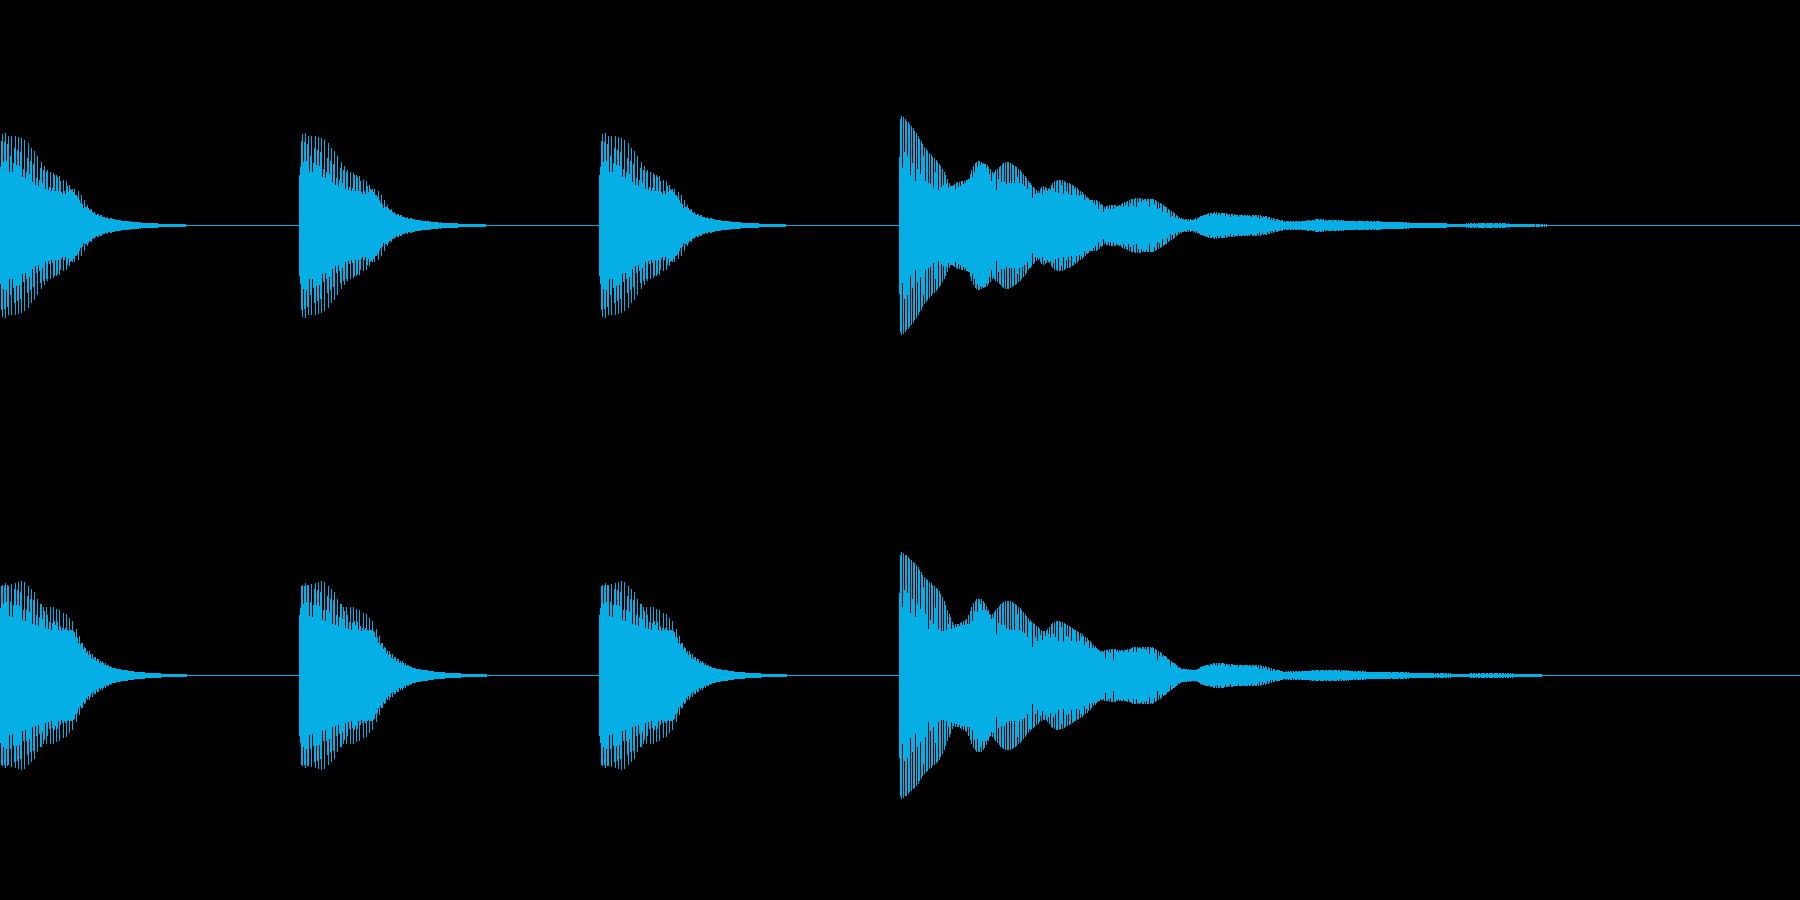 レースのスタート音・時報 (2音ハモリ)の再生済みの波形